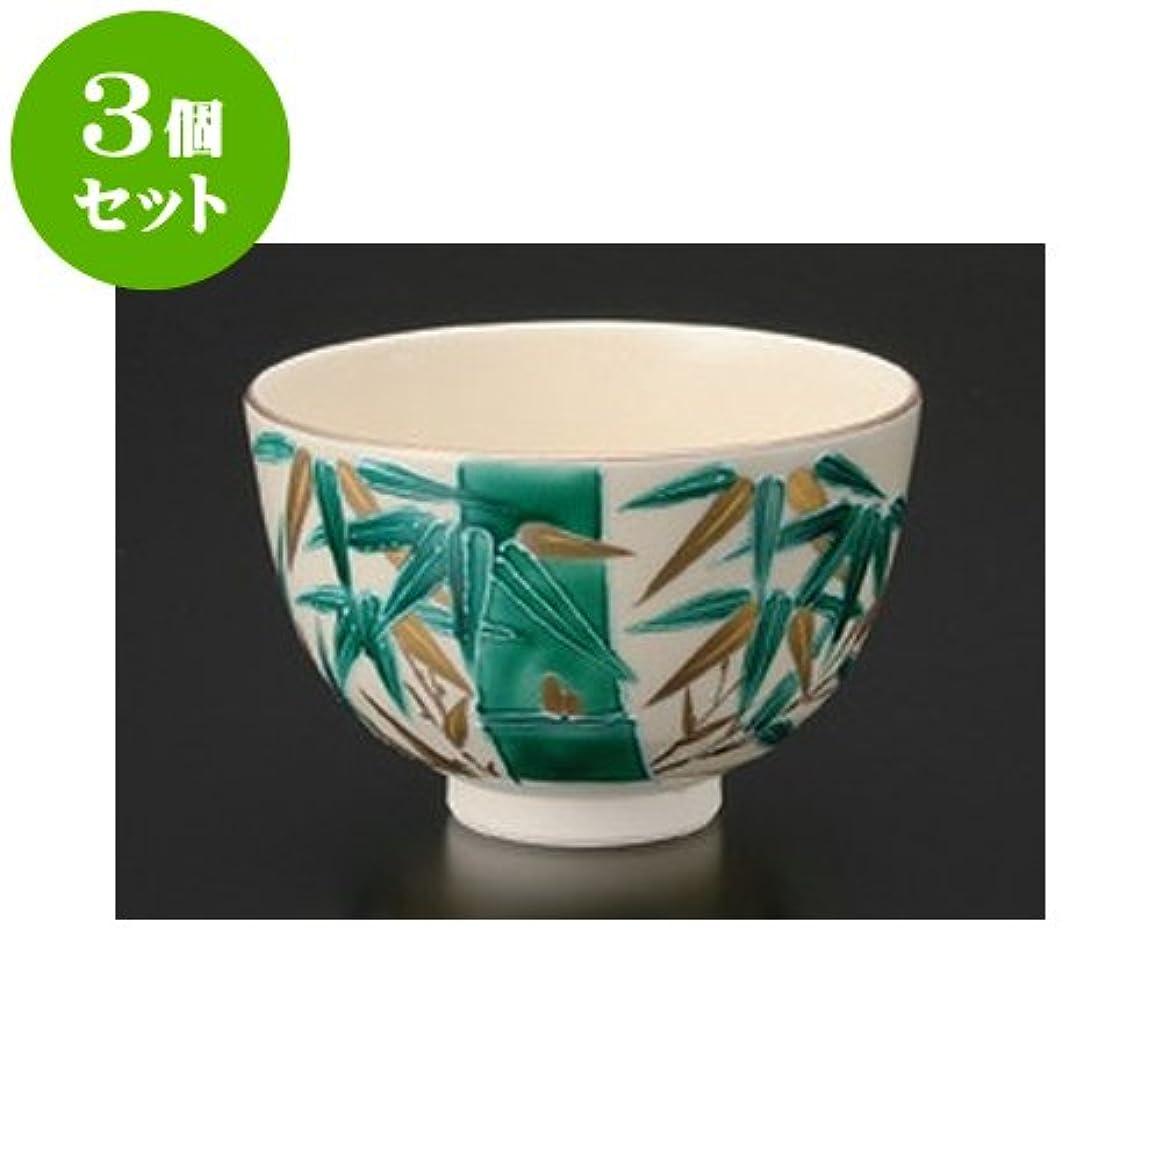 祖母ご注意ほかに3個セット 抹茶碗 仁清一珍青竹茶碗 [12.5 x 8cm] 【料亭 旅館 和食器 飲食店 業務用 器 食器】